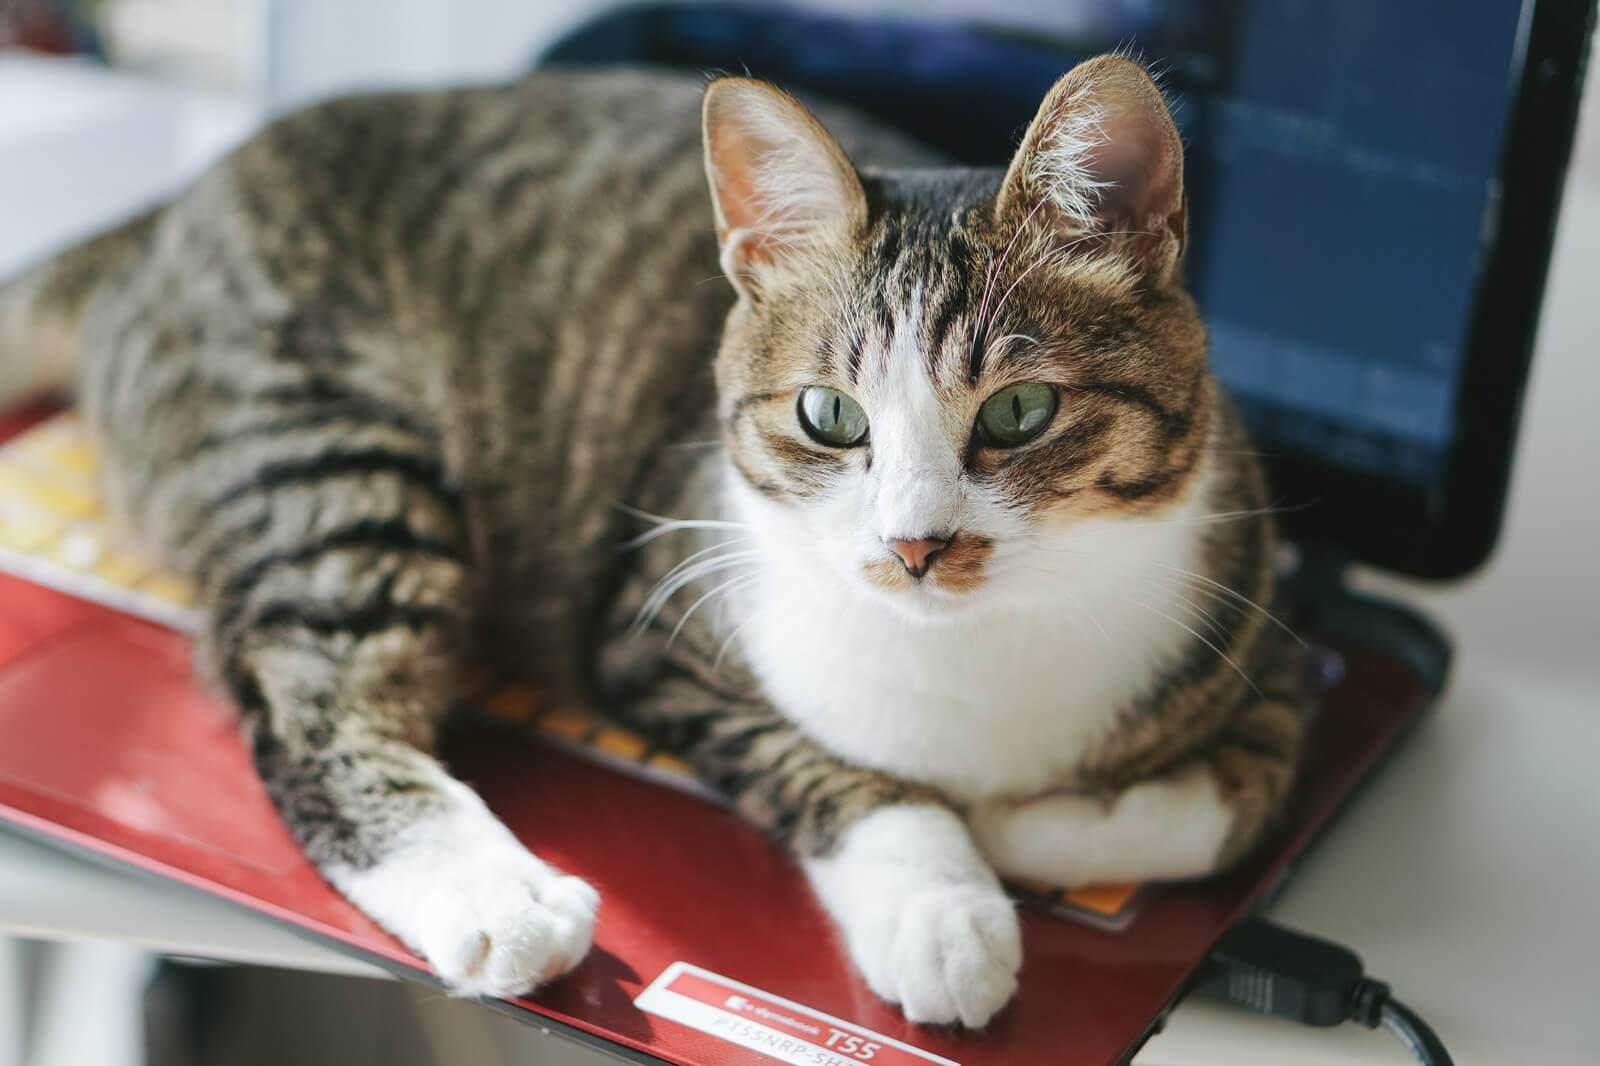 ゲーム配信を辞めるよう促す猫